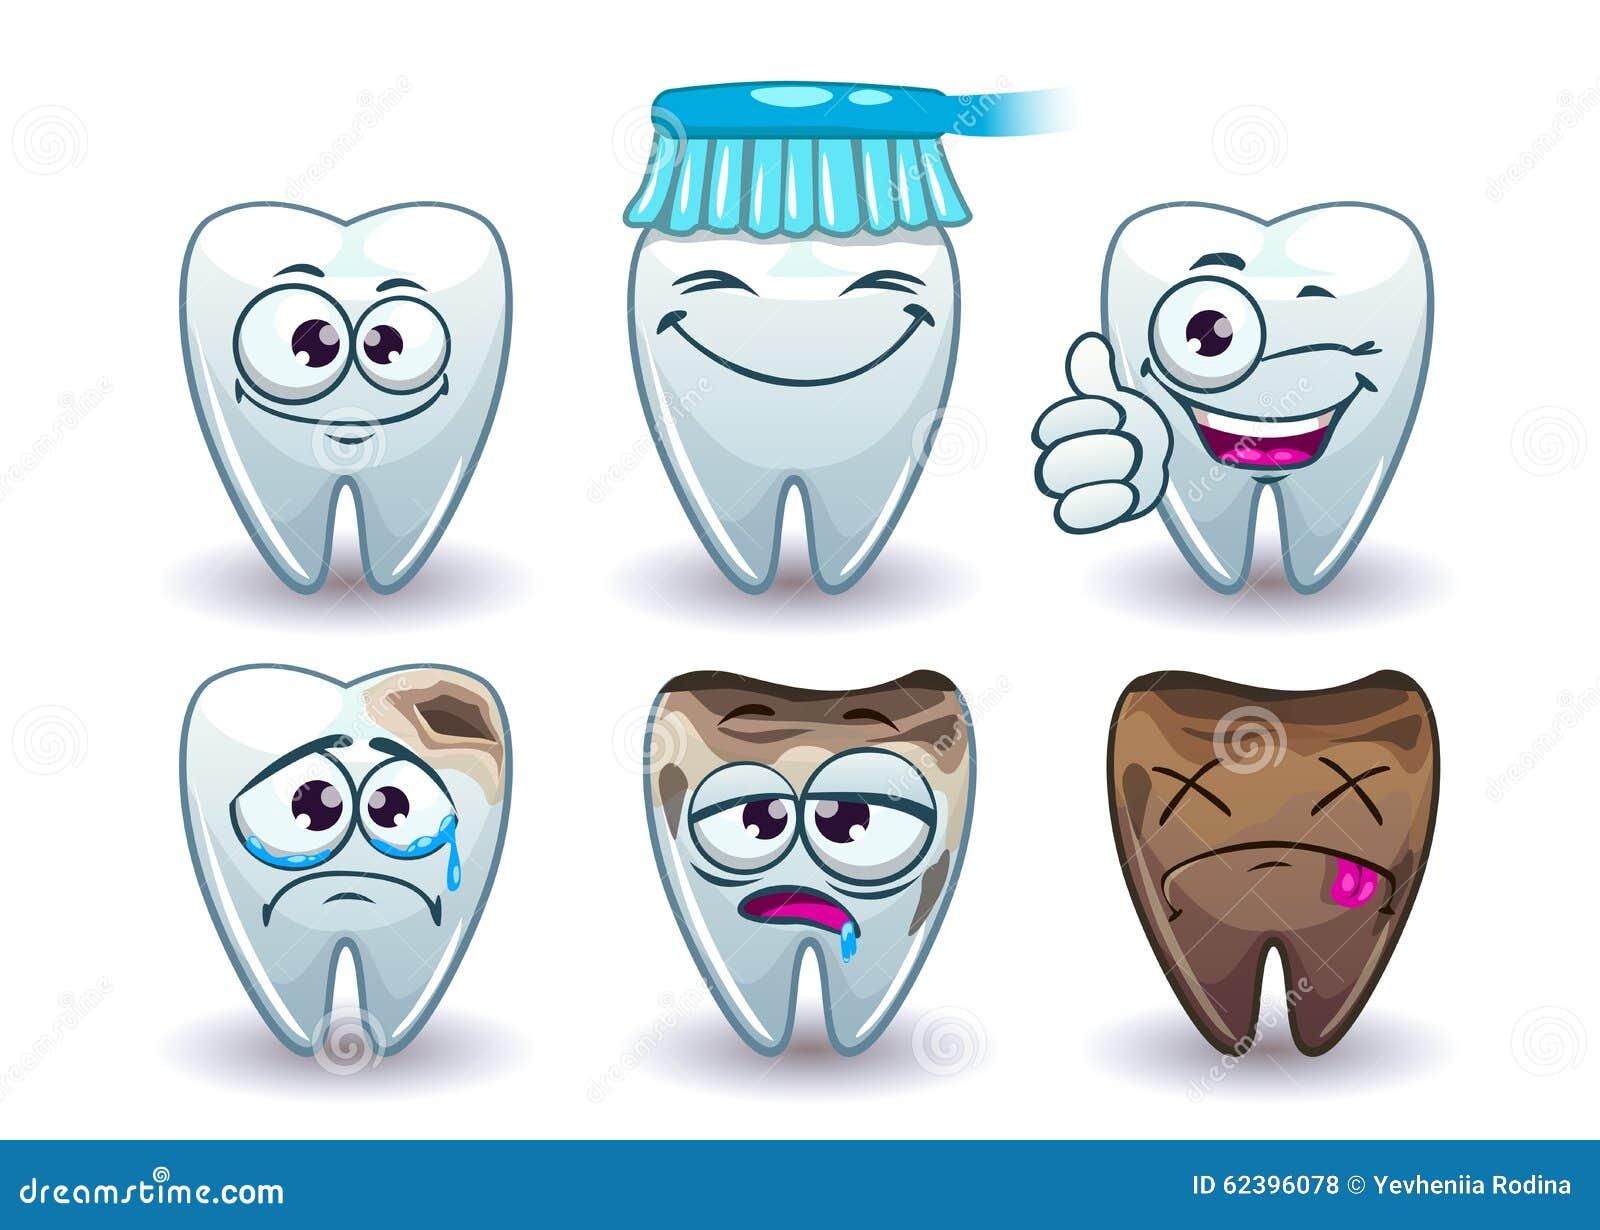 Картинки по запросу смешные картинки про зубы